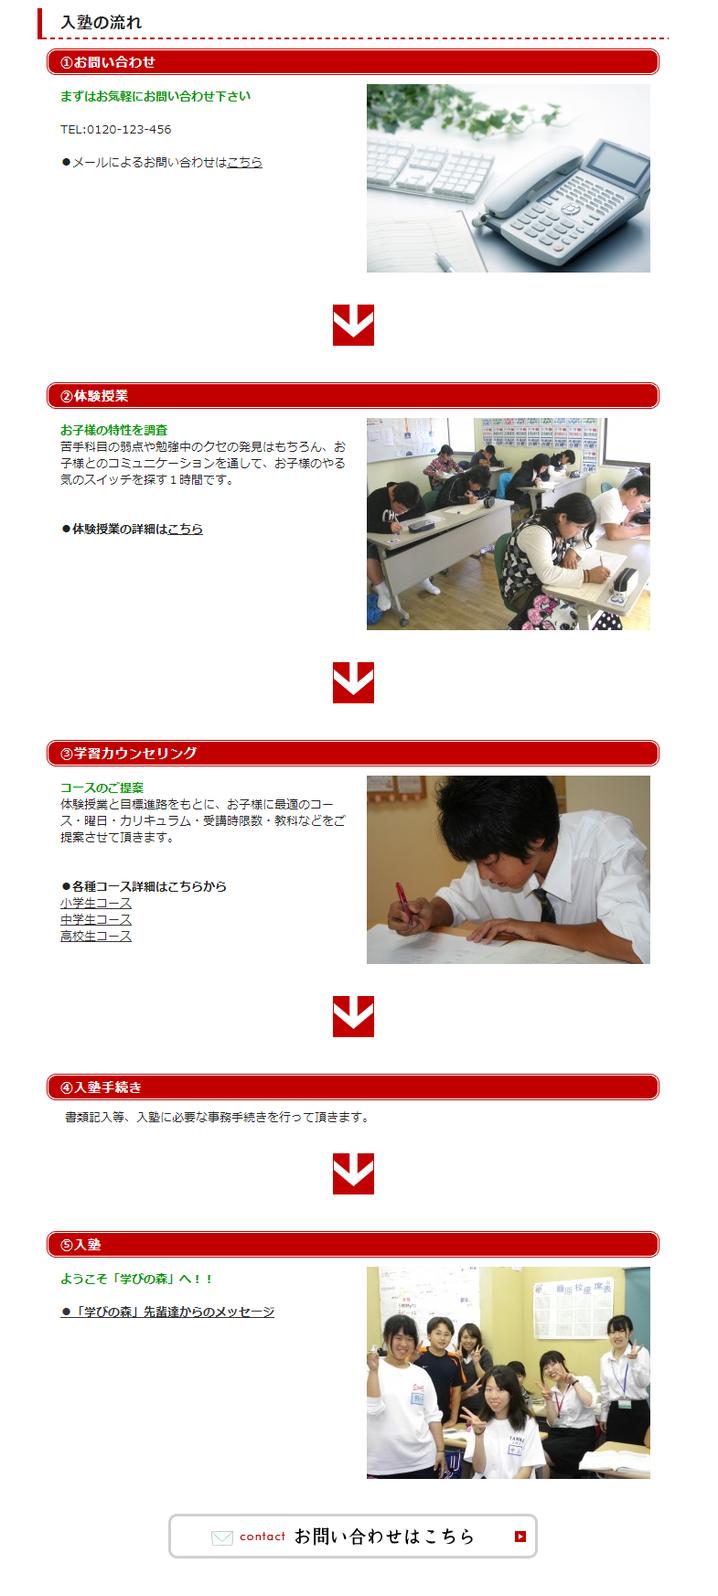 学びの森,J-STUDIO,J-スタジオ,まつがく,学習塾,入塾の流れ